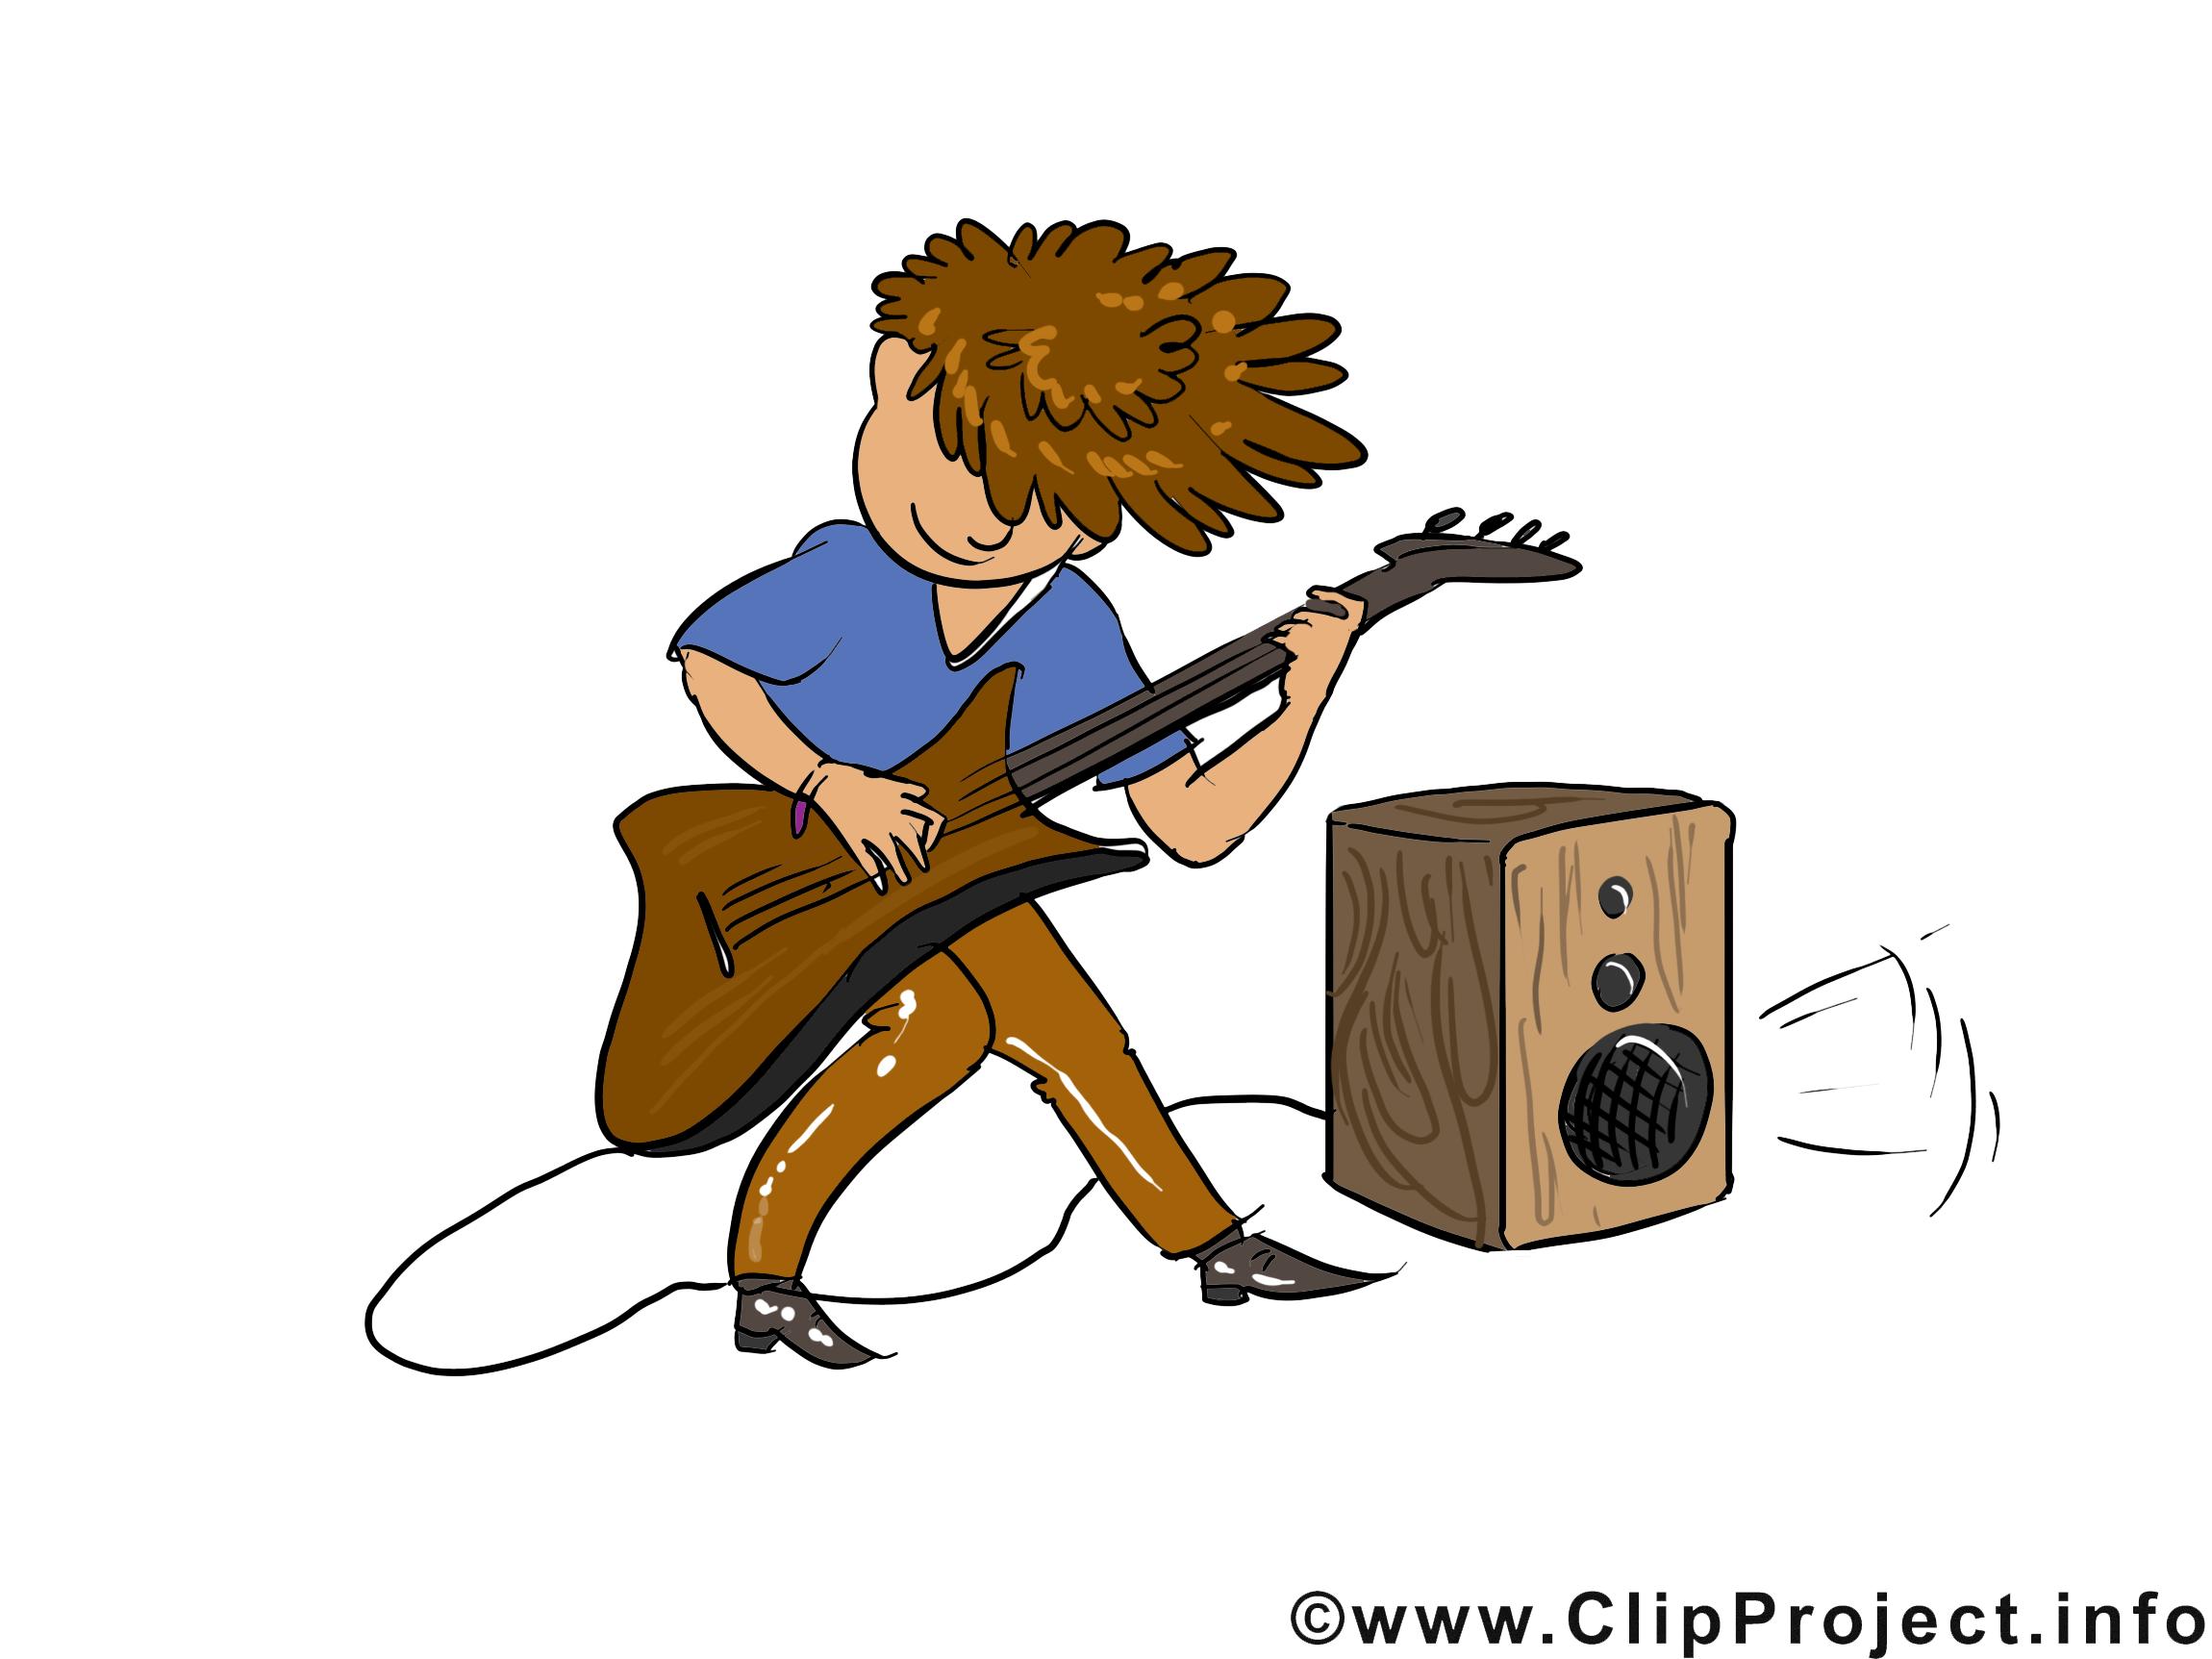 Musicien de rock cliparts gratuis - Métier images